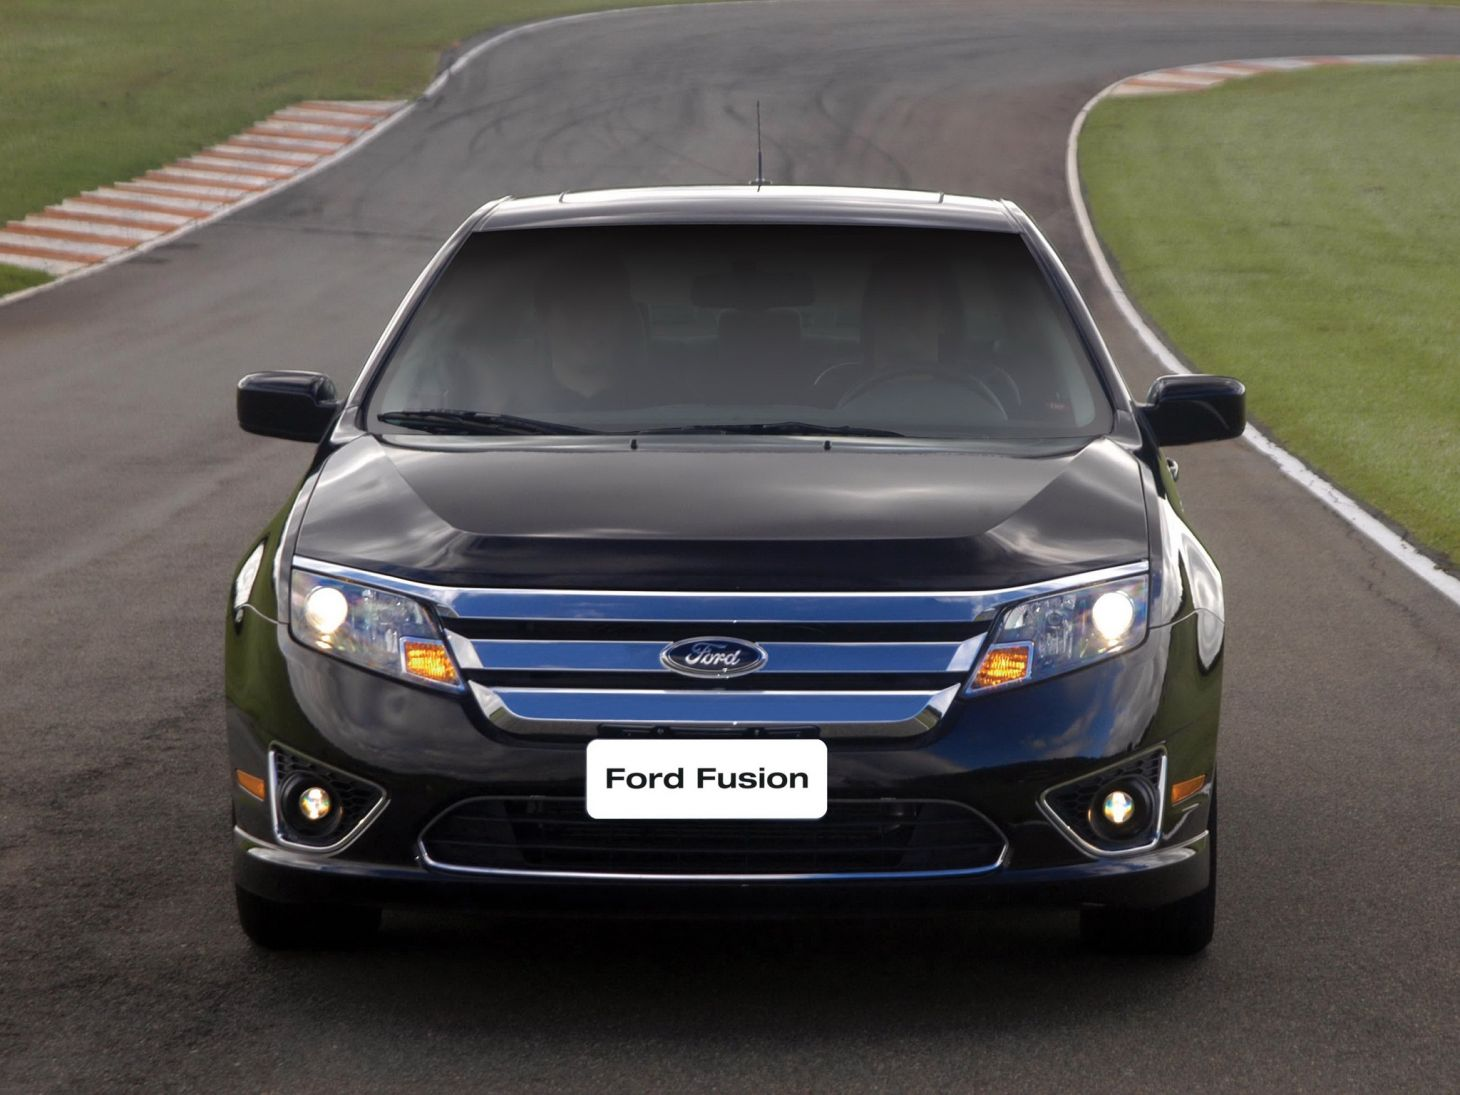 ford_fusion_2011_frente Carros automáticos usados até R$ 50 mil: 10 opções